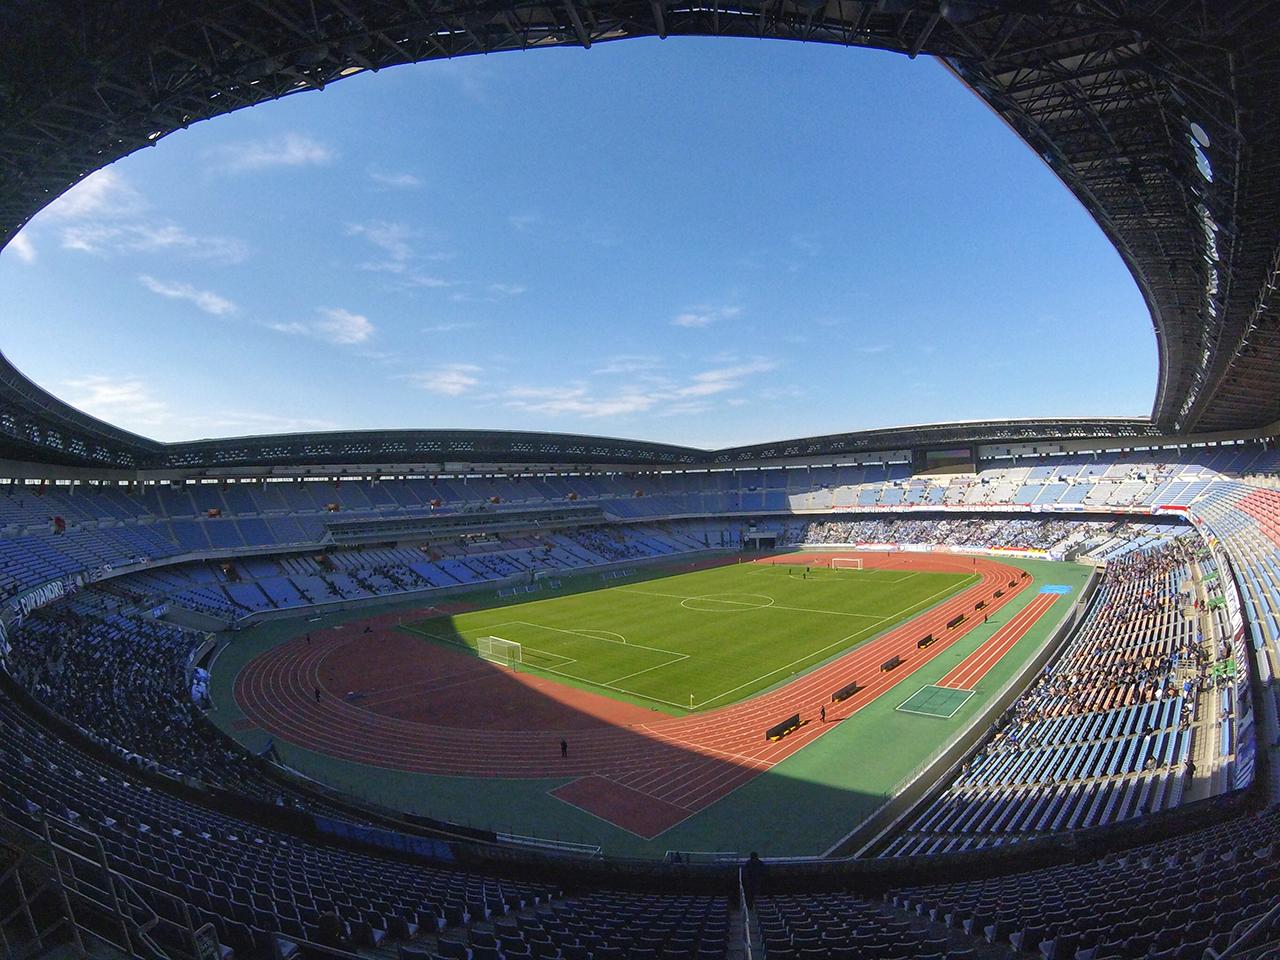 天皇杯 準々決勝 ガンバ大阪vs横浜マリノス見てきたで